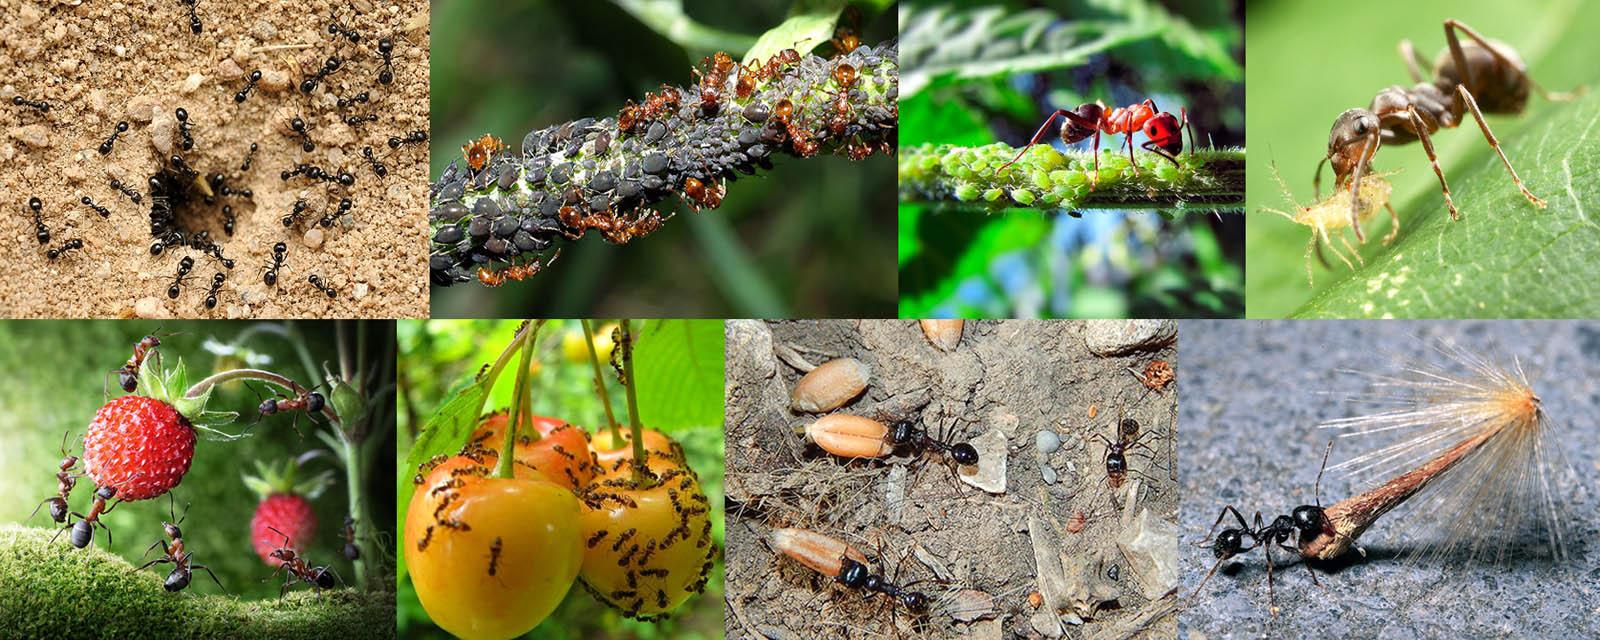 Почвенные муравьи и виды их вредоносной деятельности